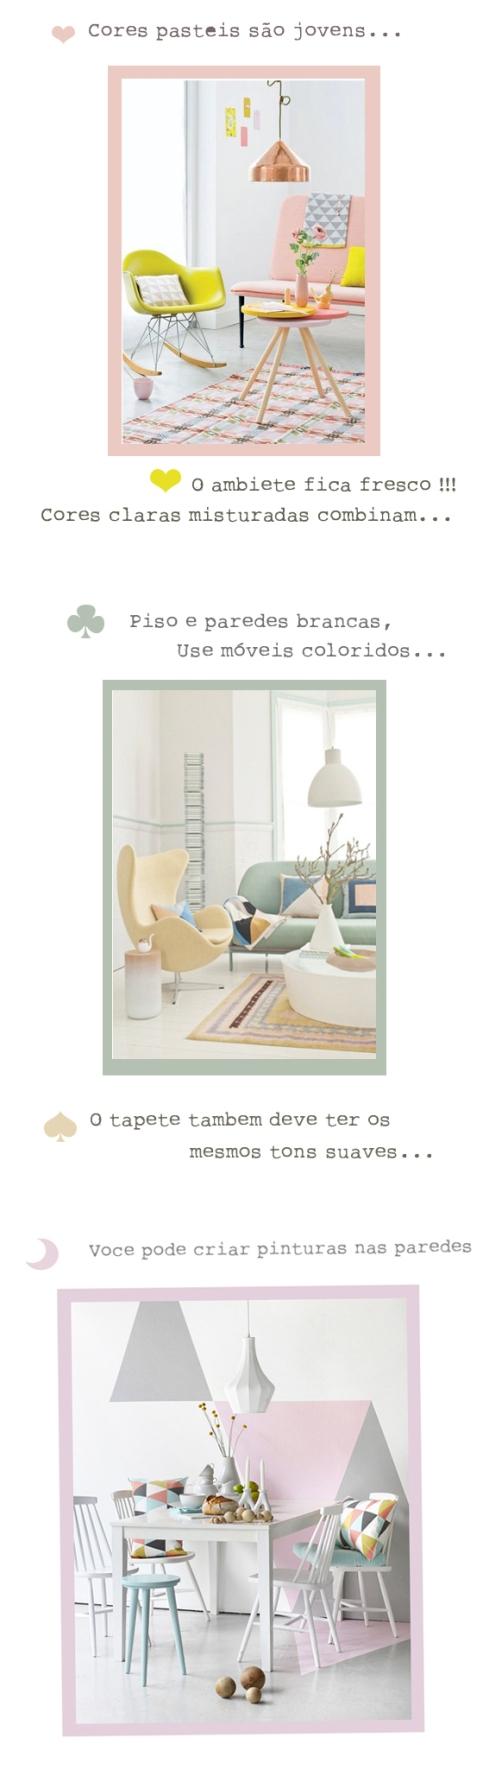 blog decoração em tons pastéis copy